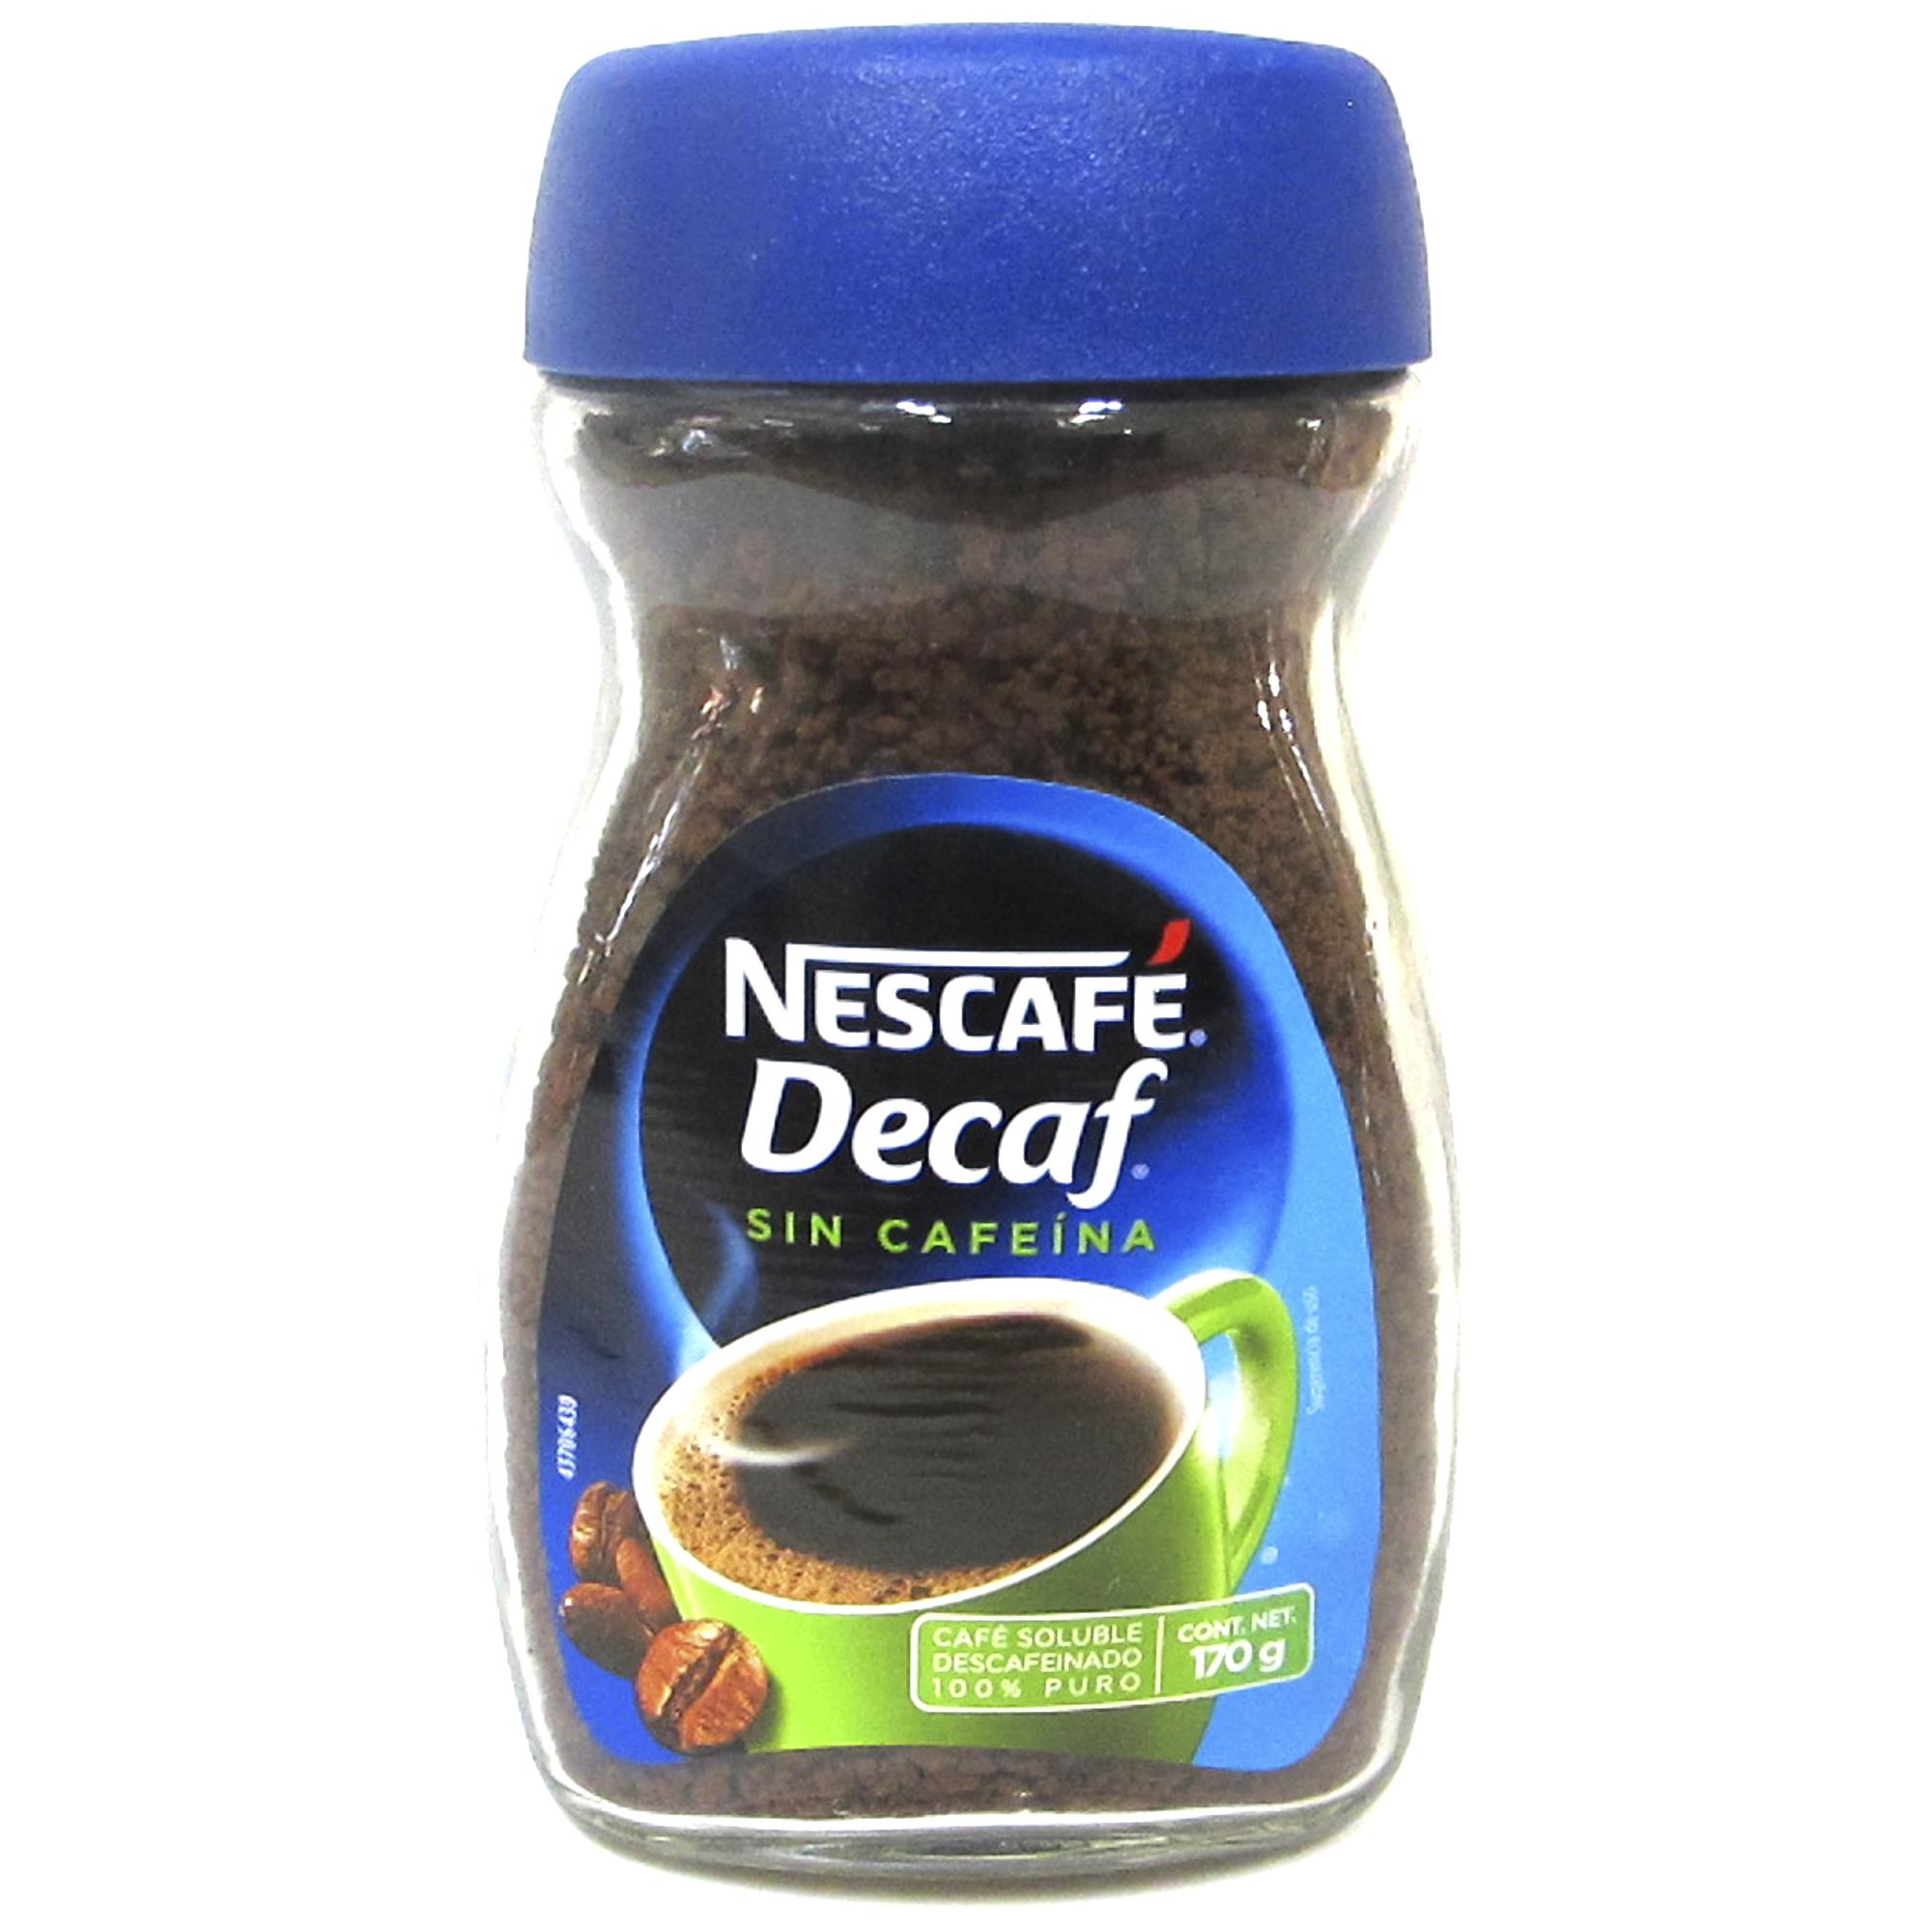 Café marca Nescafe Decaf de 175 gr  1